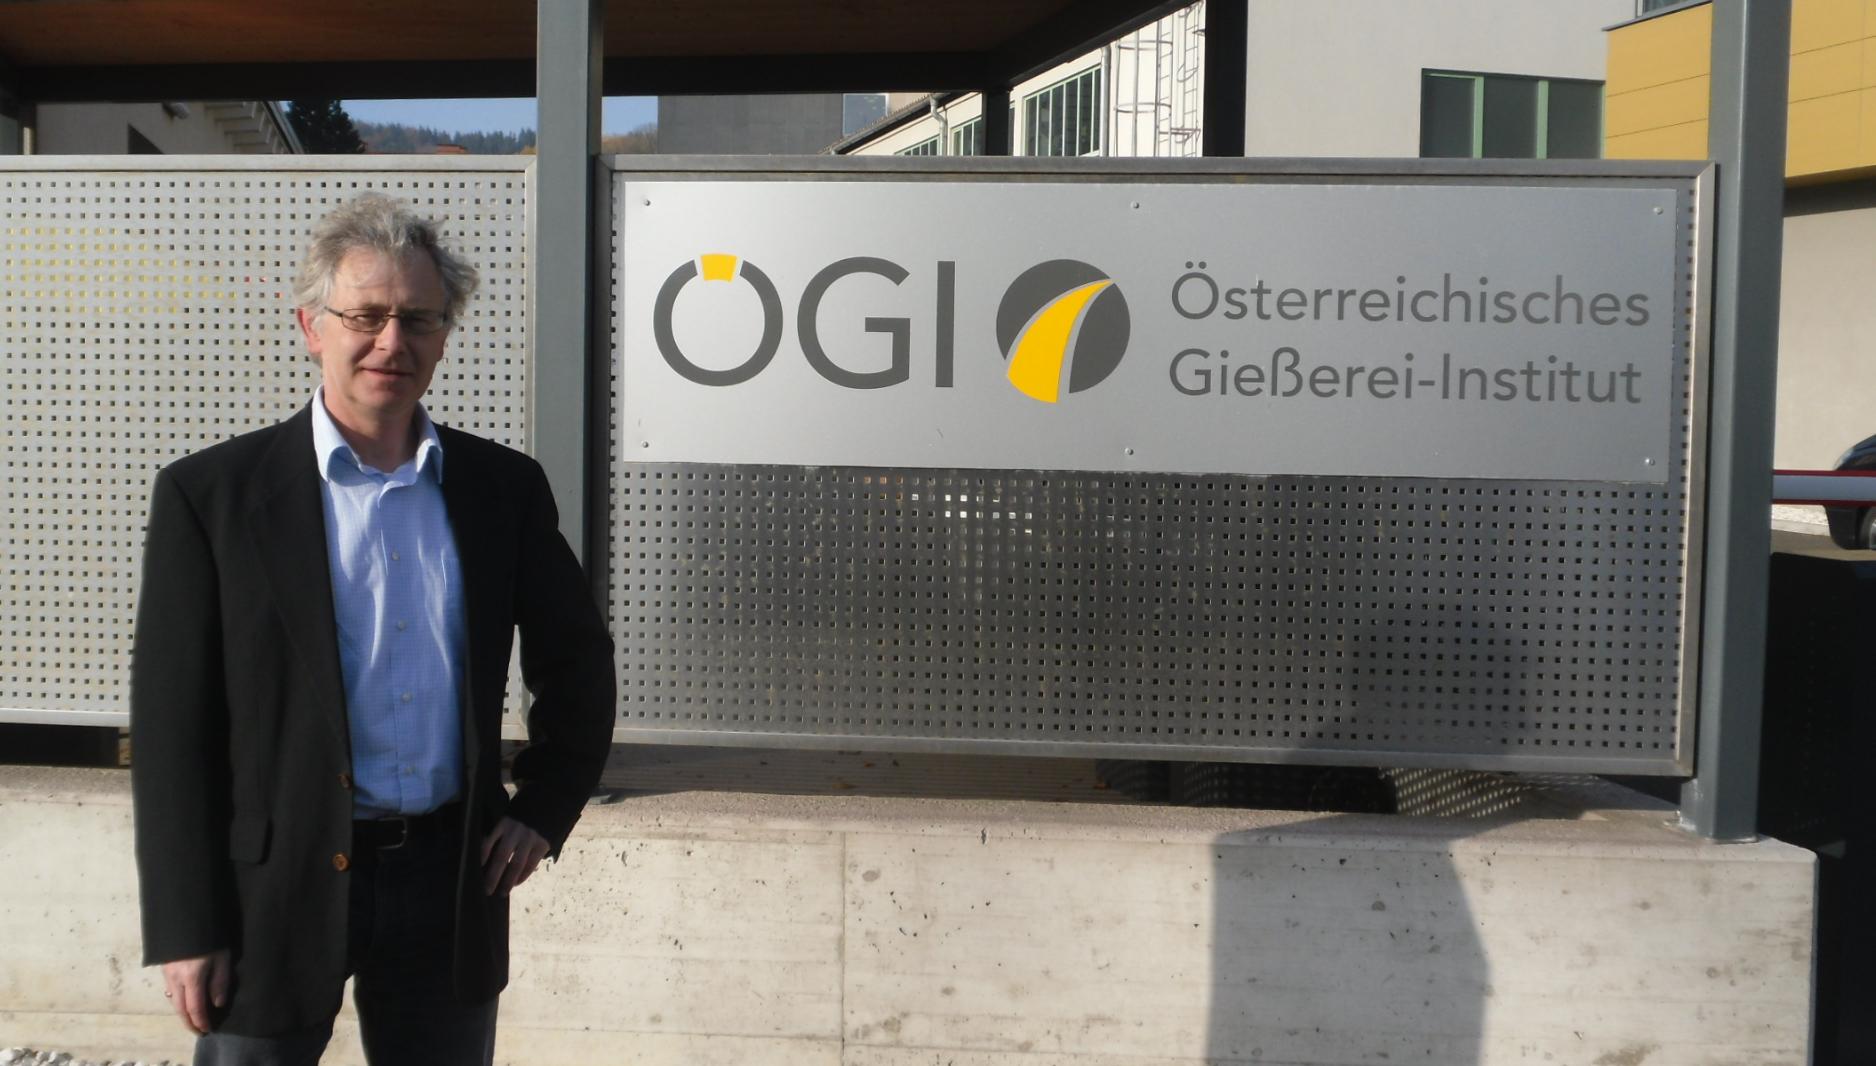 Teile des TA-Entwicklerteams zu Gast am Österreichischen Gießereiinstitut in Leoben (Foto: F. Hanzig | apromace data systems GmbH)